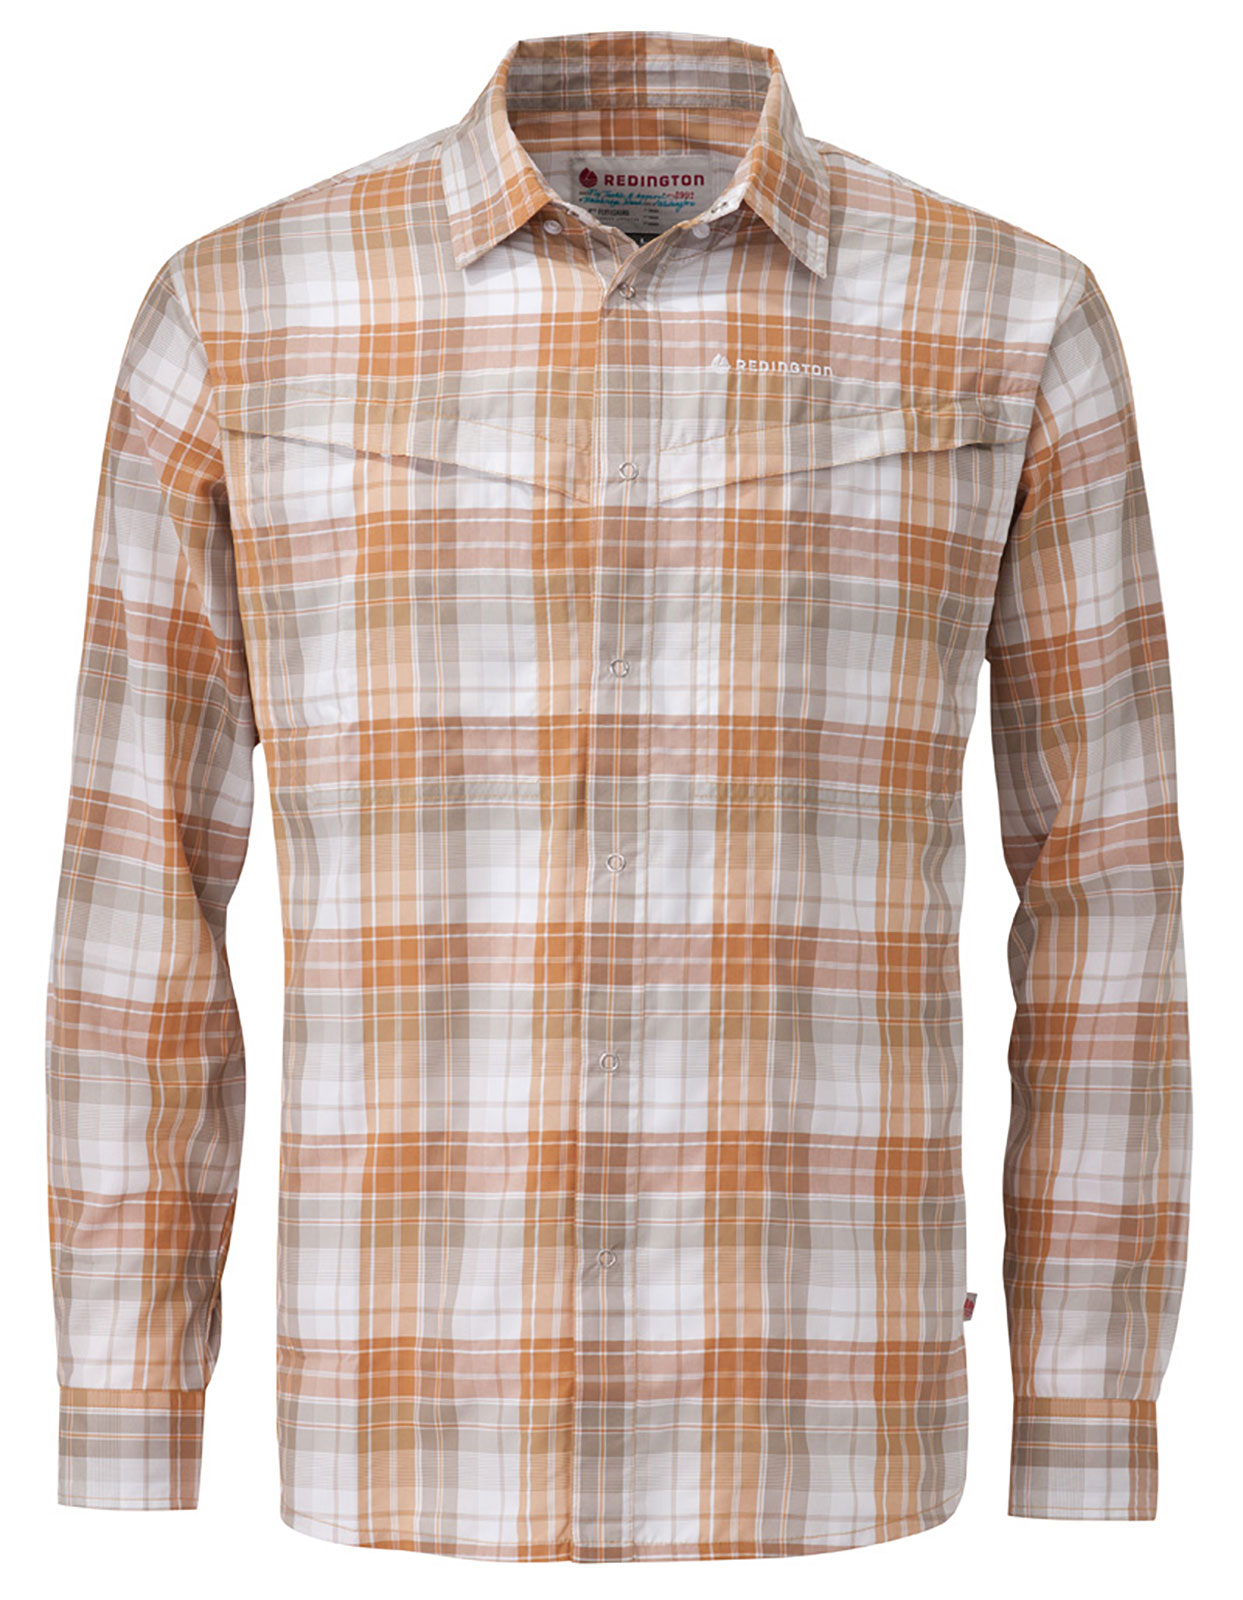 Redington wayward guide shirt long sleeve fly fishing t for Fly fishing sun shirt